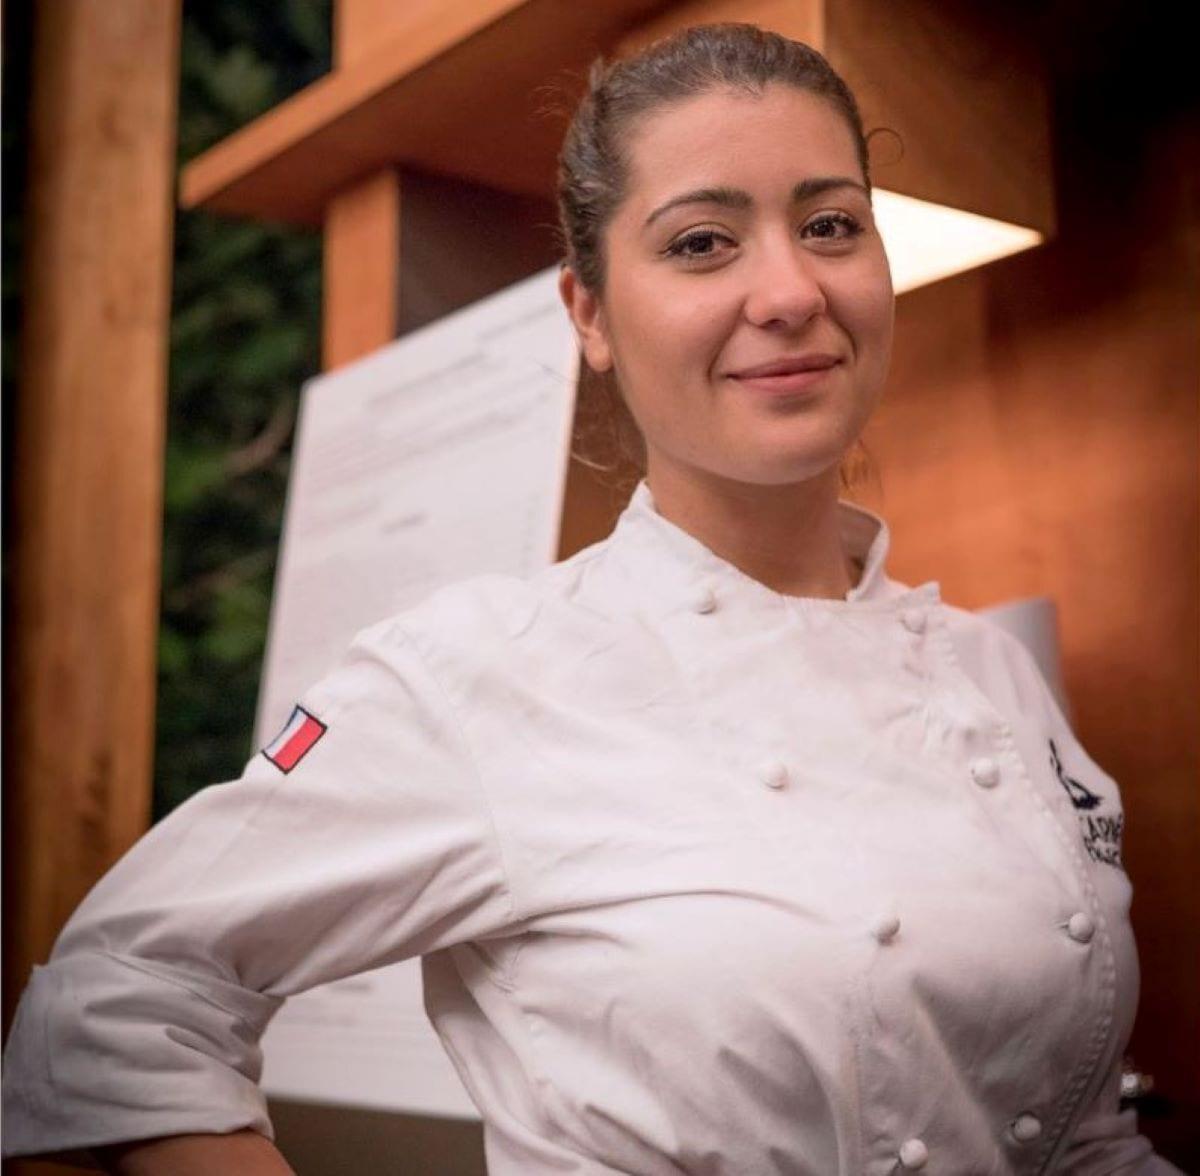 Chef Letizia Tognelli